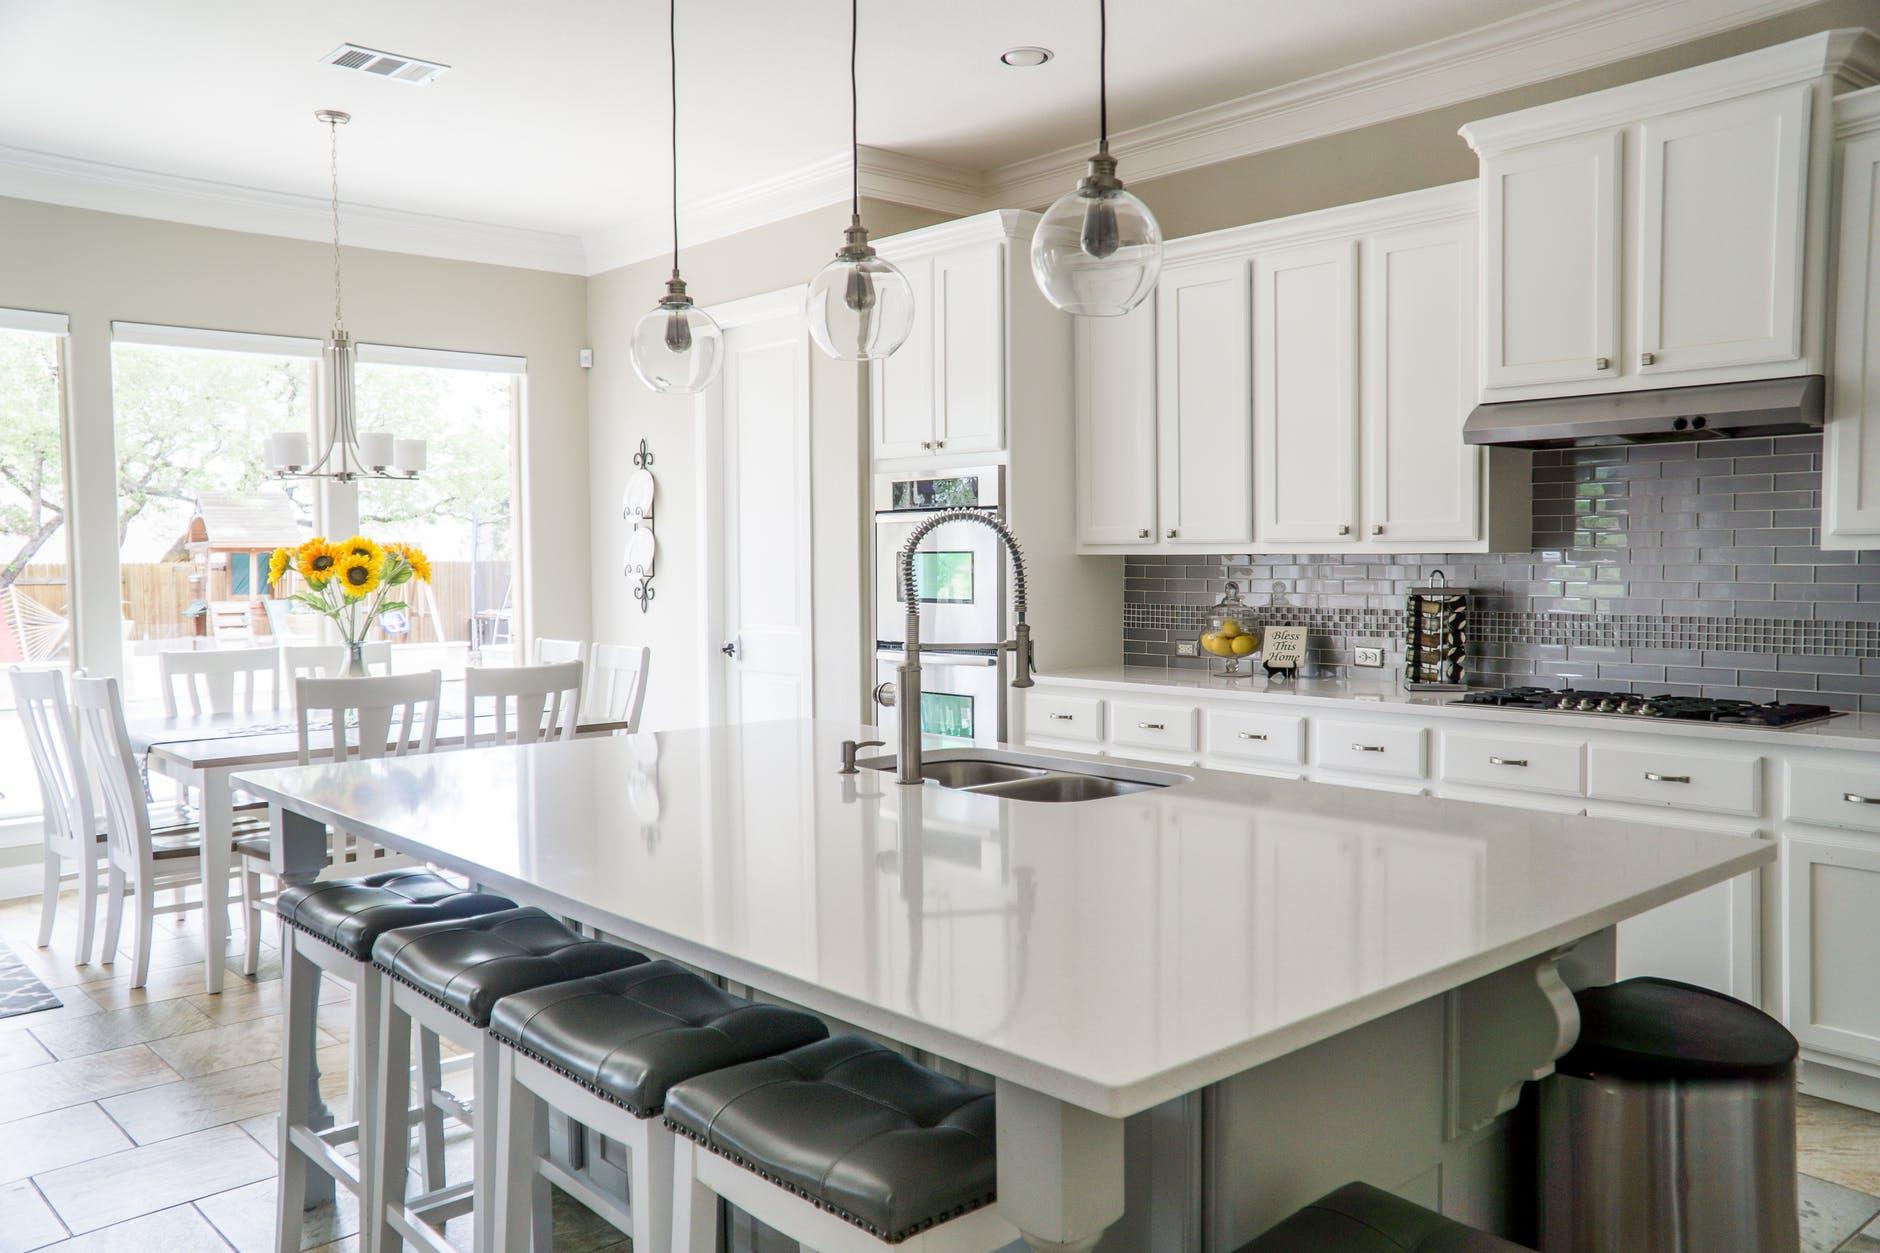 2019 Kitchen Cabinet Trends Renovationfind Blog